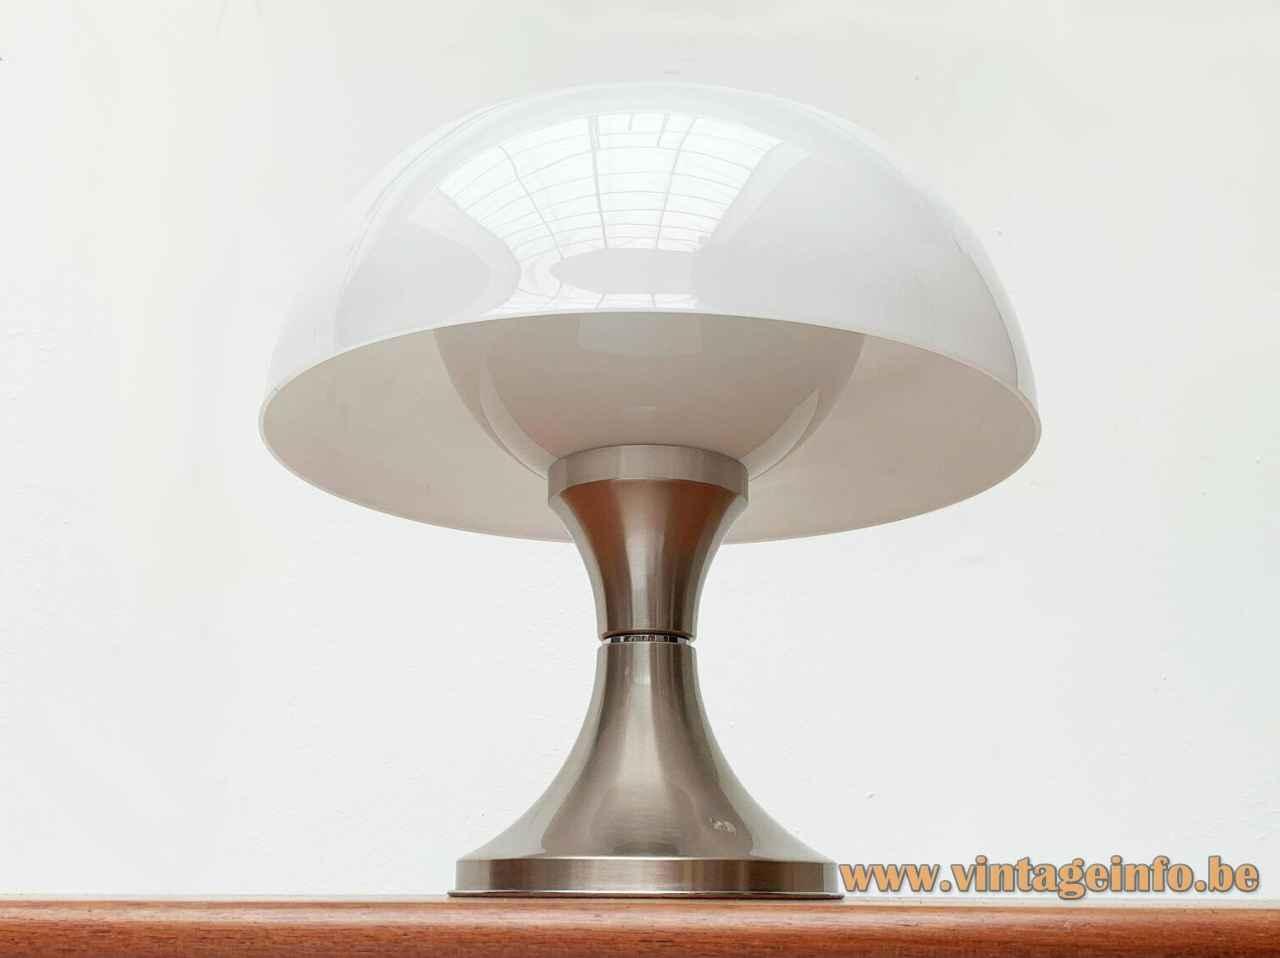 Ecolight mushroom table lamp concave round aluminium base white acrylic lampshade design: Gaetano Sciolari Italy 1960s